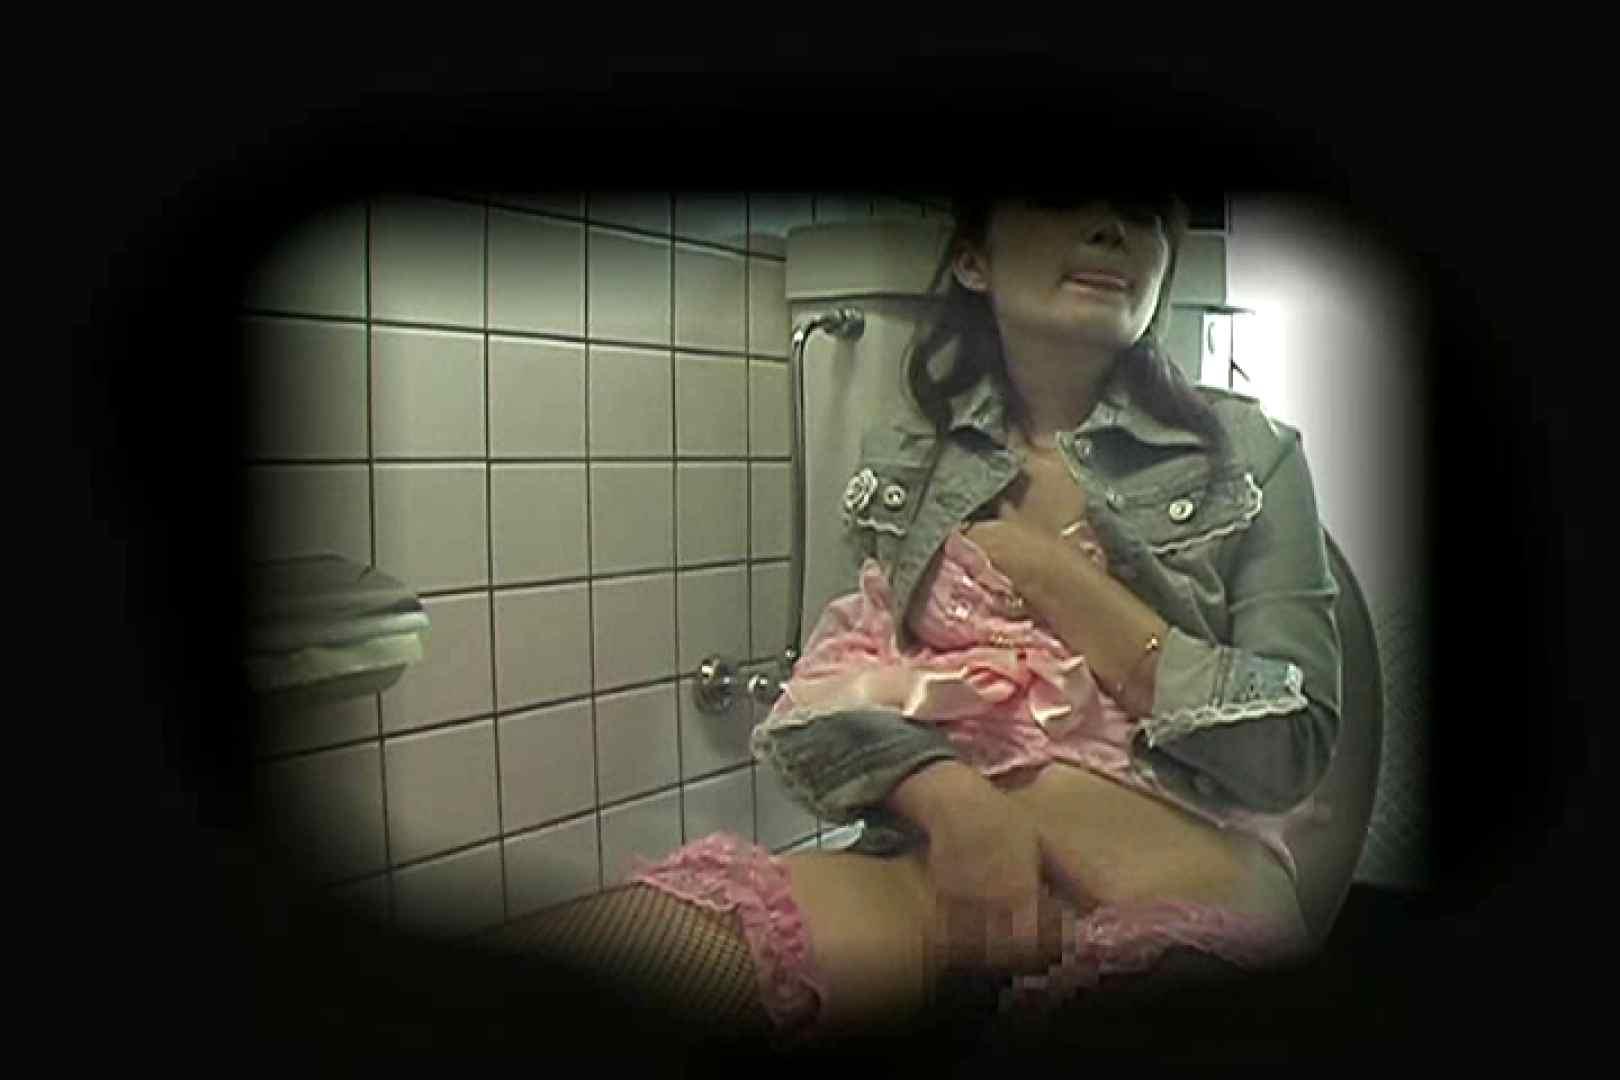 自慰天国女子洗面所Vol.6 洗面所 のぞきエロ無料画像 96pic 27